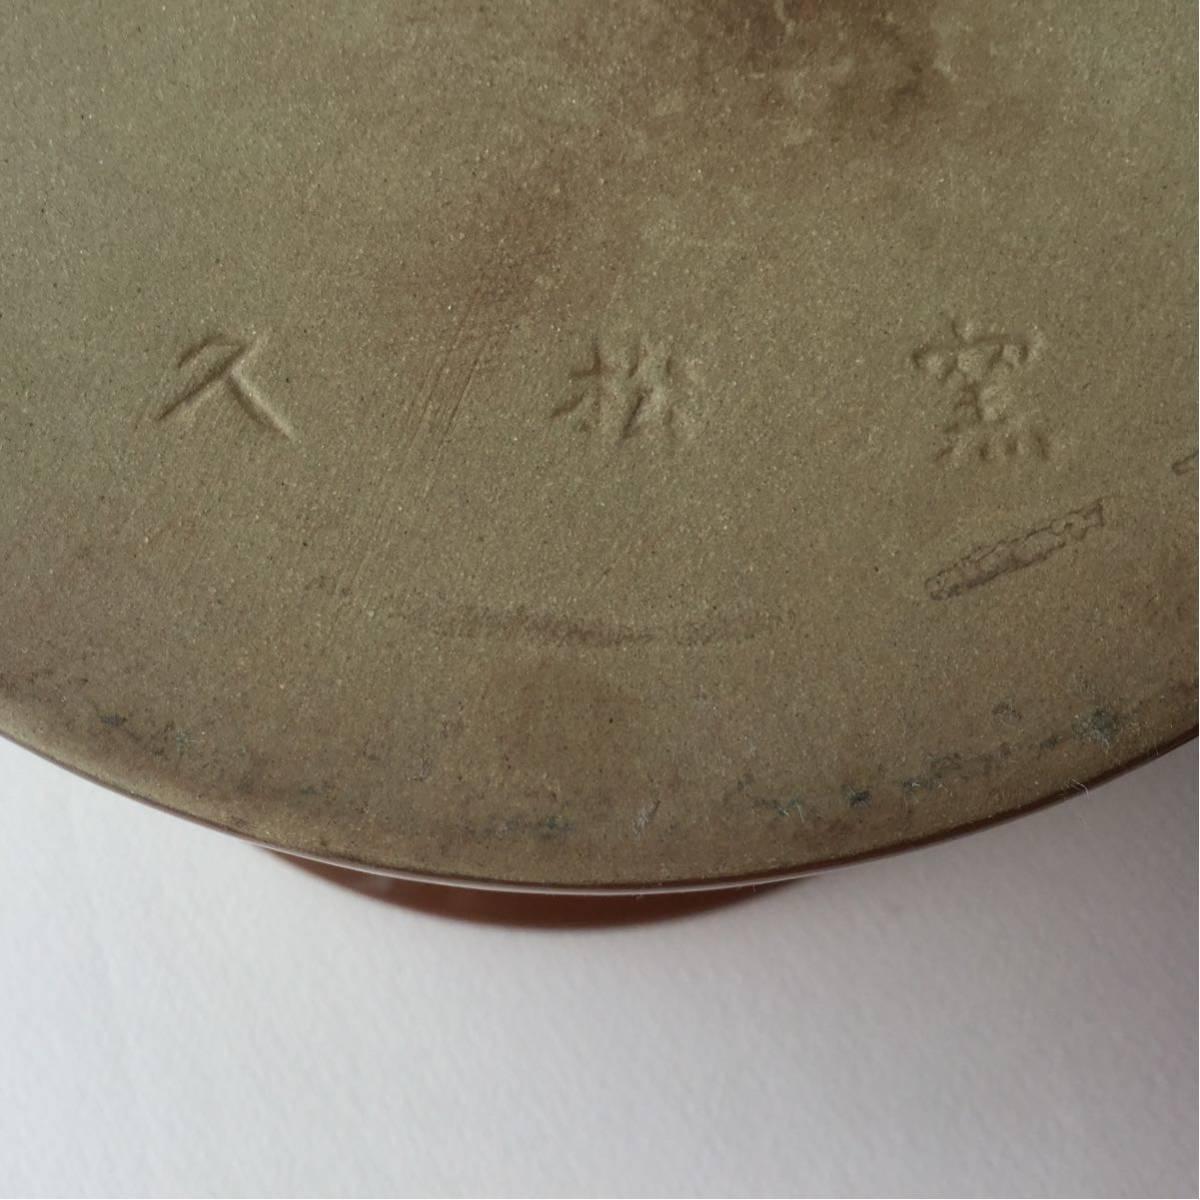 【重石付き!】久松窯謹製 常滑焼 飲食物容器 1号切立蓋付かめ/18cm×高さ19cm◆味噌/漬物/梅干_画像8